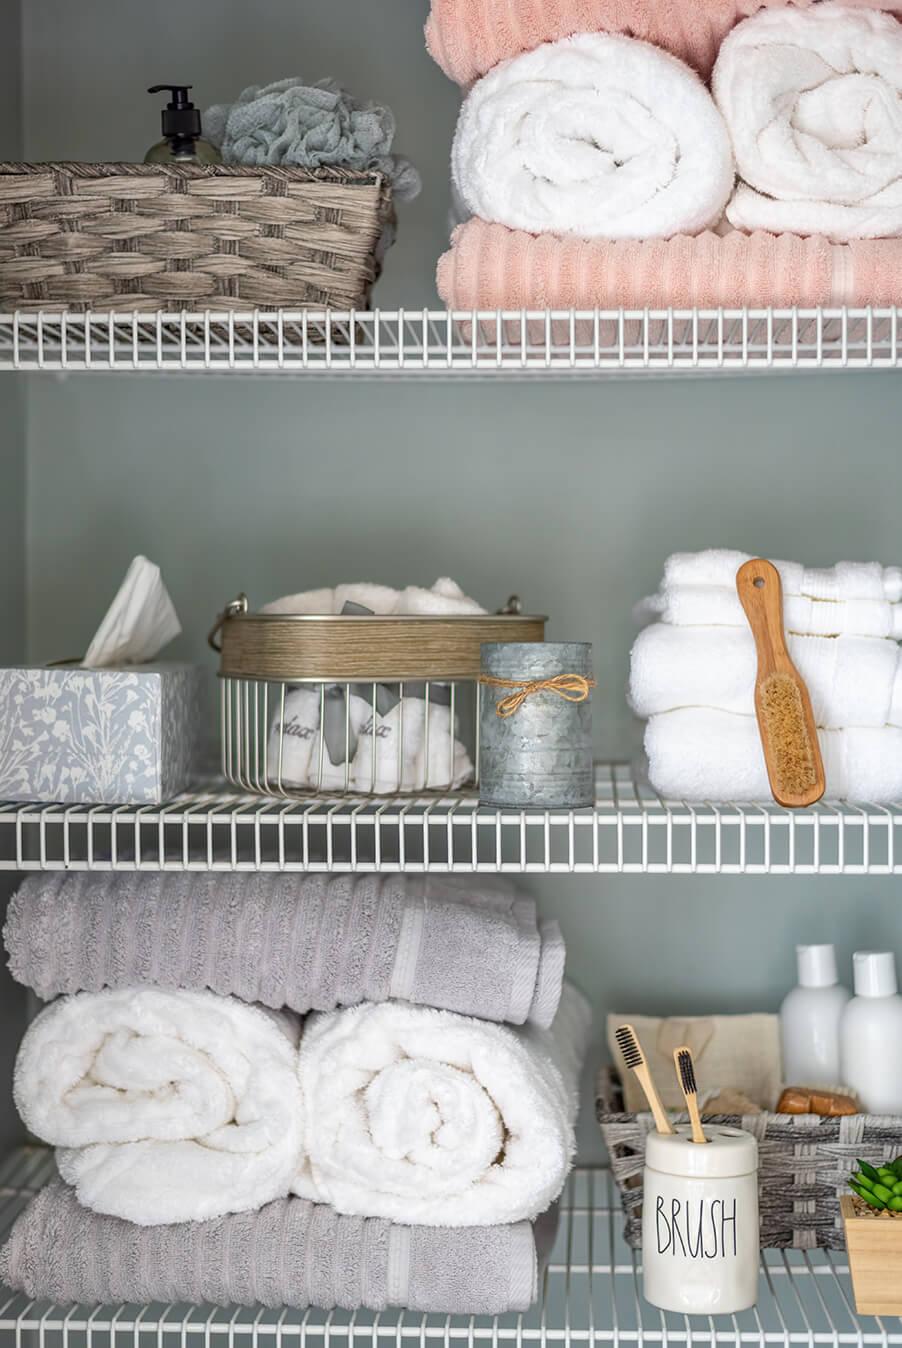 5 trucos para limpiar el baño rápidamente